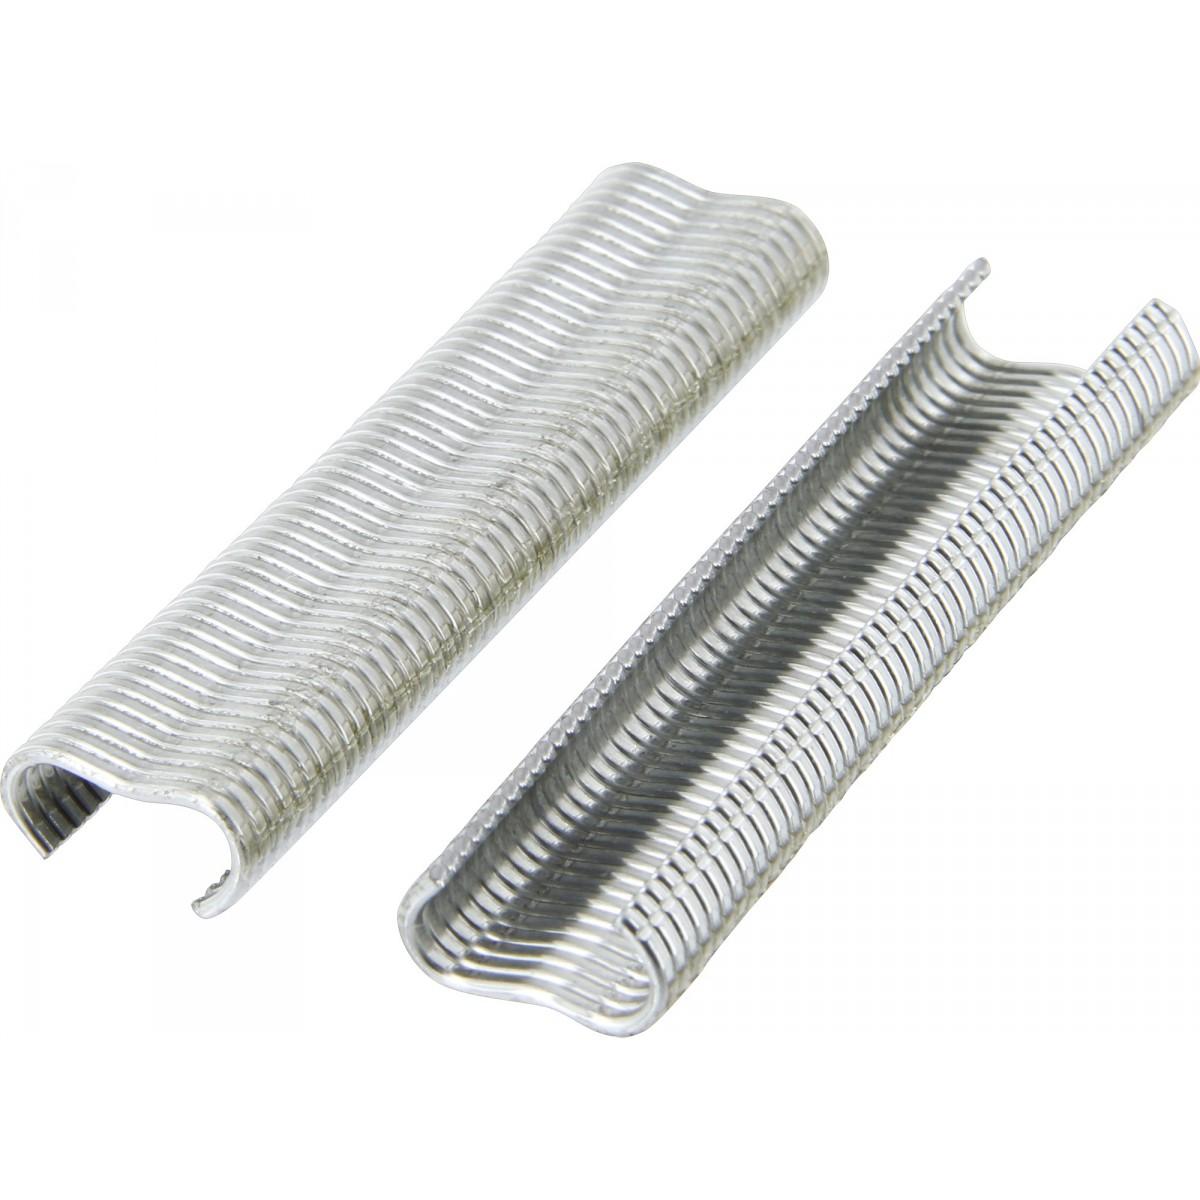 Agrafes à grillage VR16 Rapid Agraf - Galvanisées - 1390 agrafes